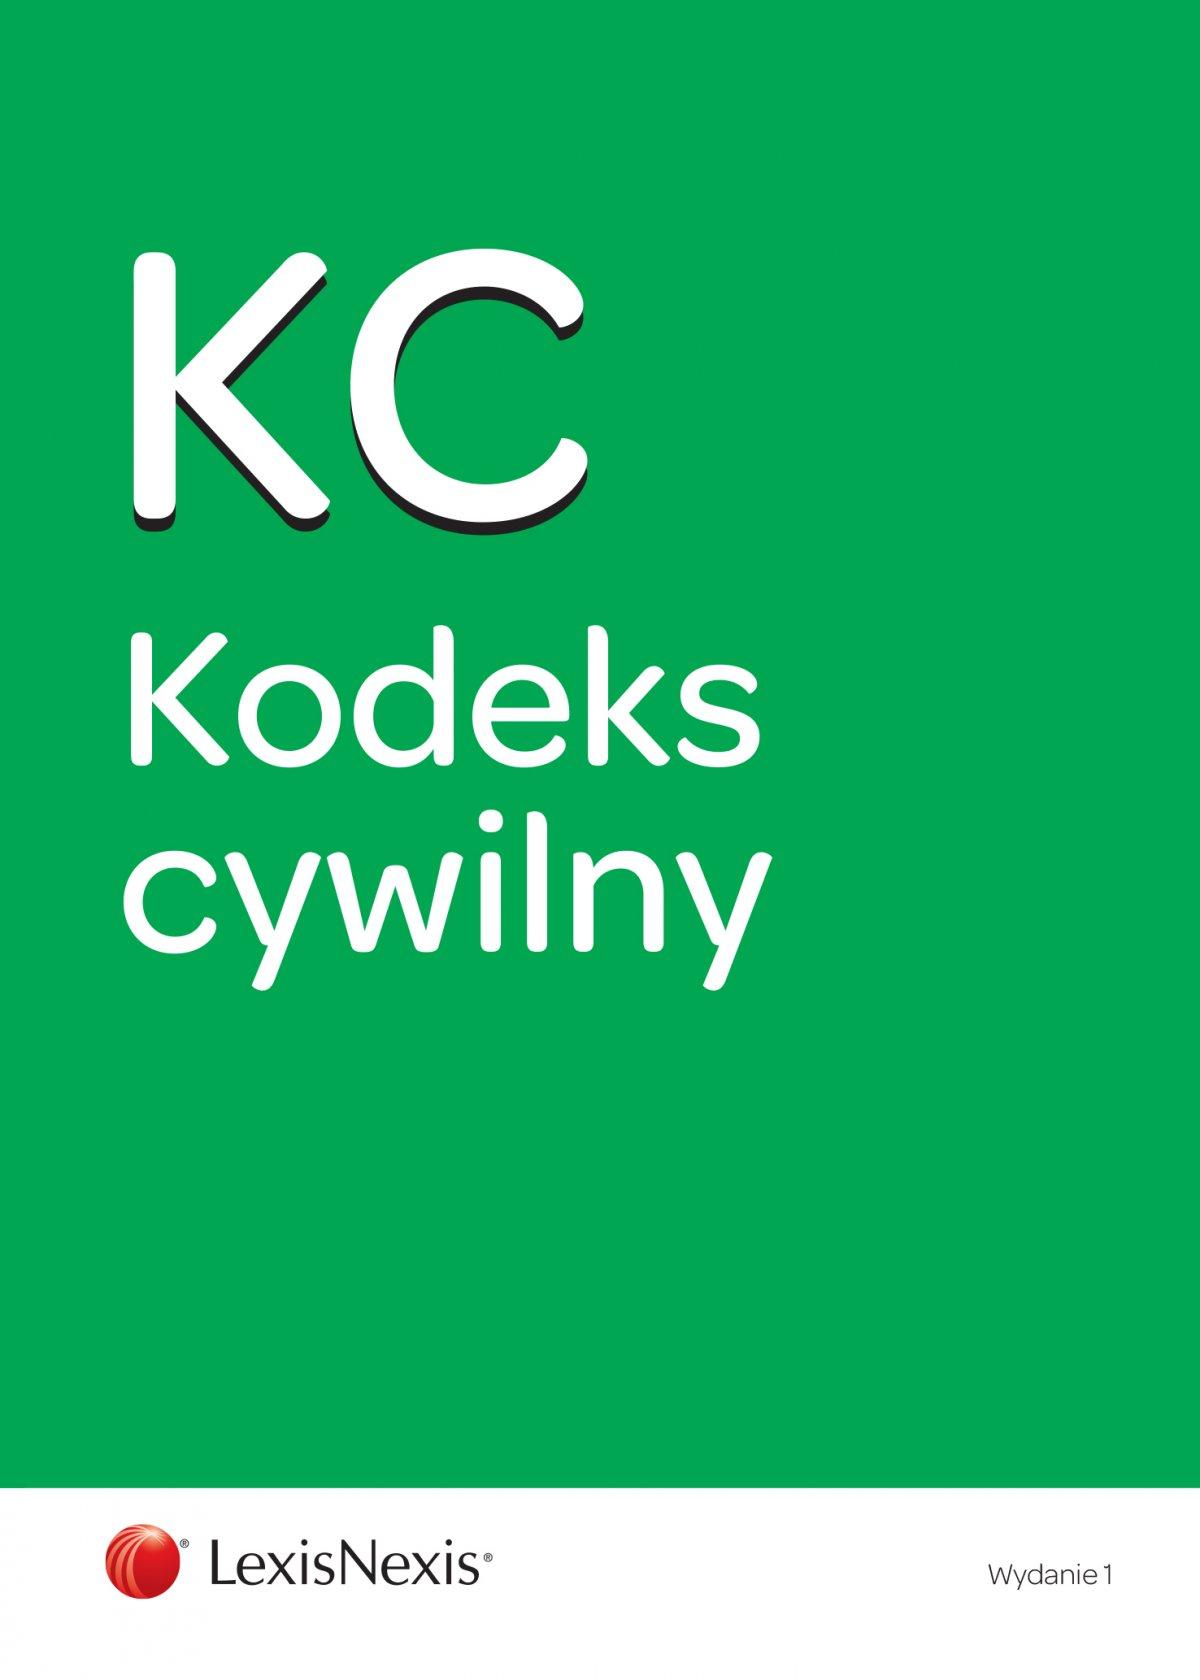 Kodeks cywilny. Wydanie 1 - Ebook (Książka EPUB) do pobrania w formacie EPUB